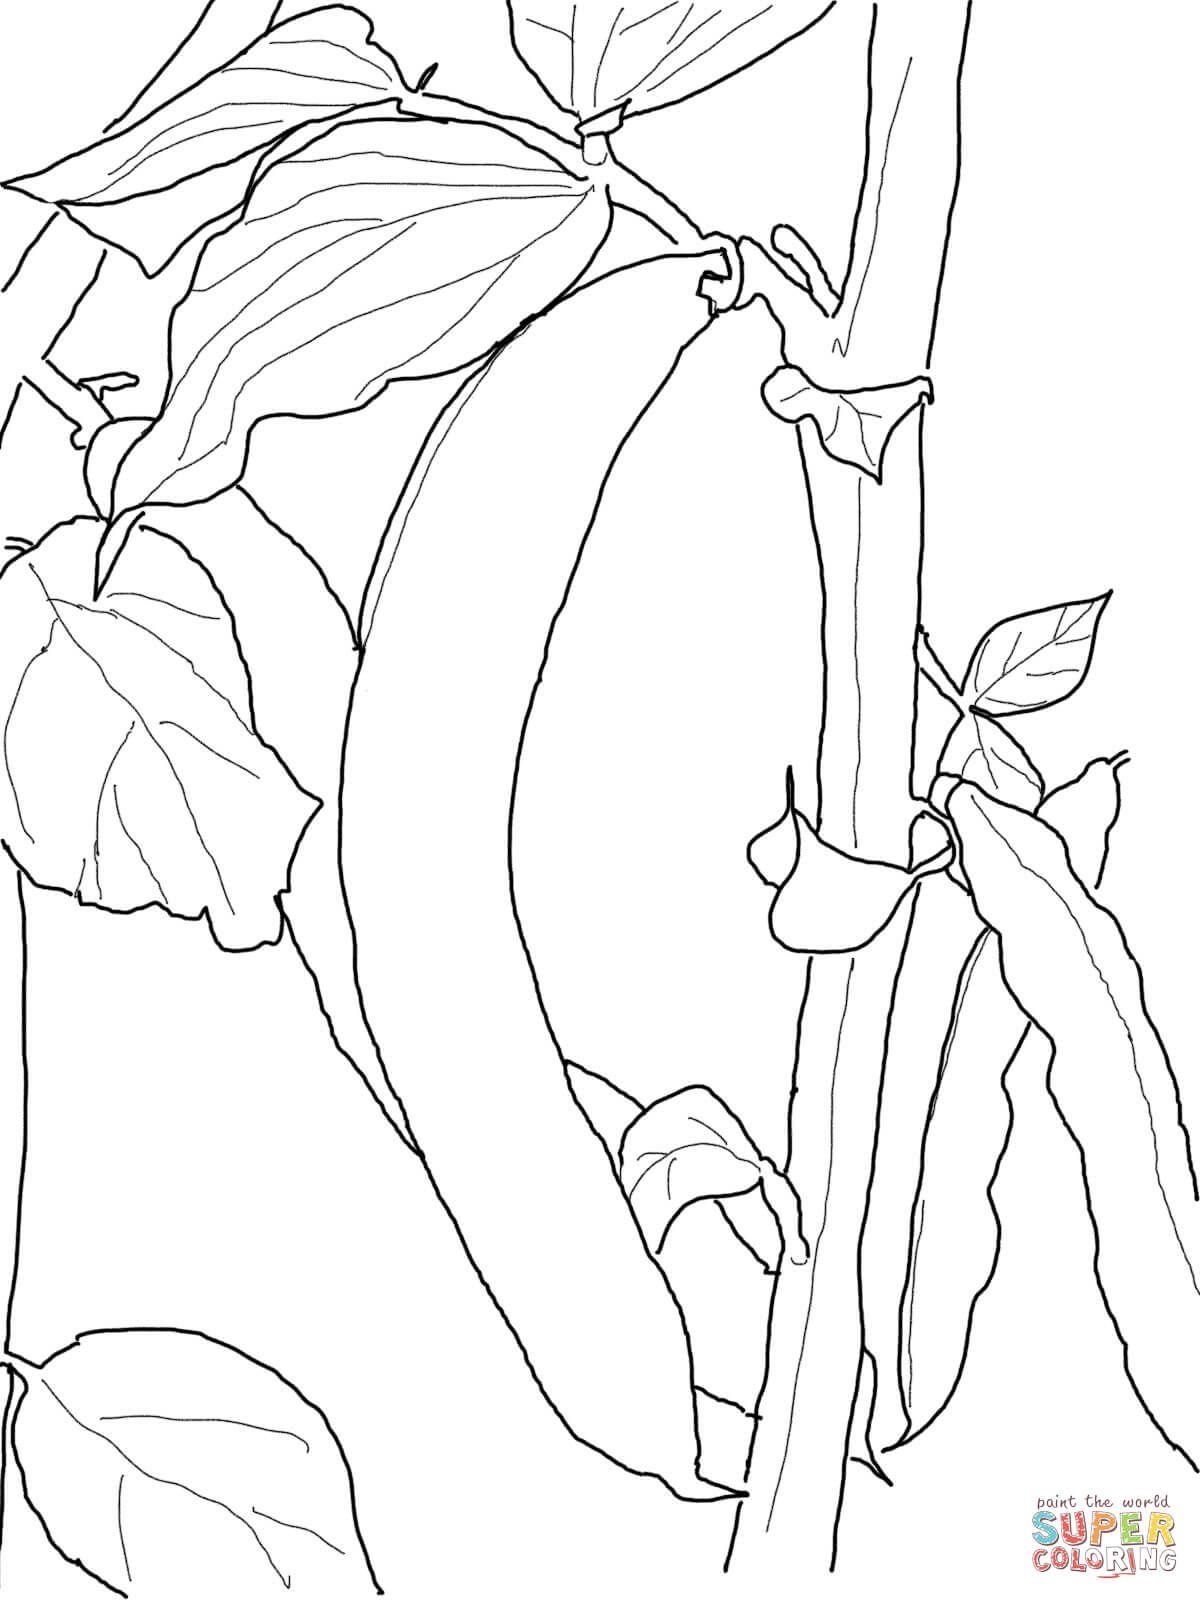 Green Beans Coloring Page Ausmalbilder Ausmalen Bilder